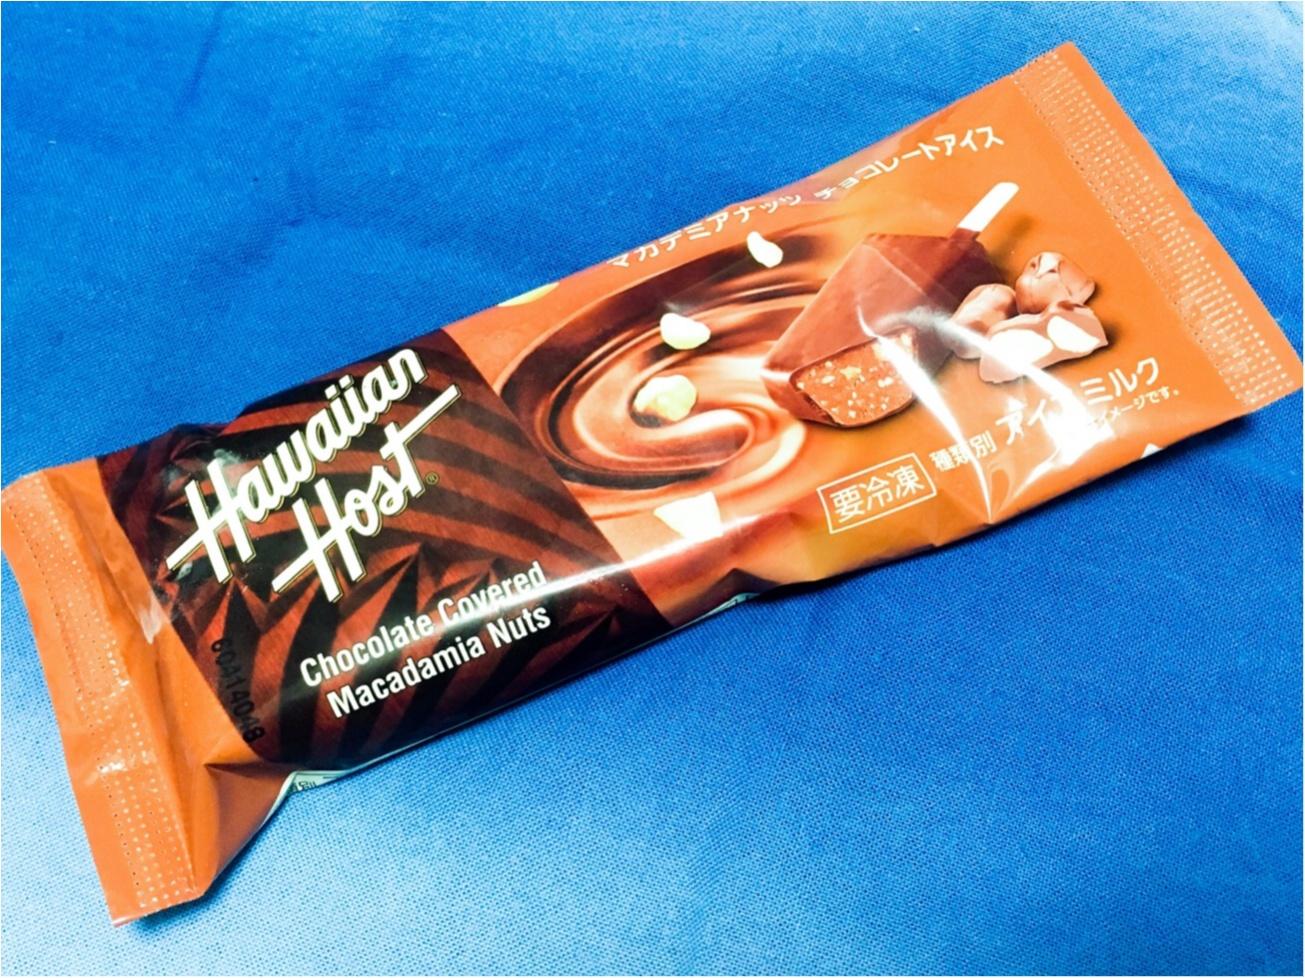 【アイス探訪記】 ハワイのあの定番チョコがアイスクリームに?! 濃厚チョコとザクザクナッツが堪らない♡ _1